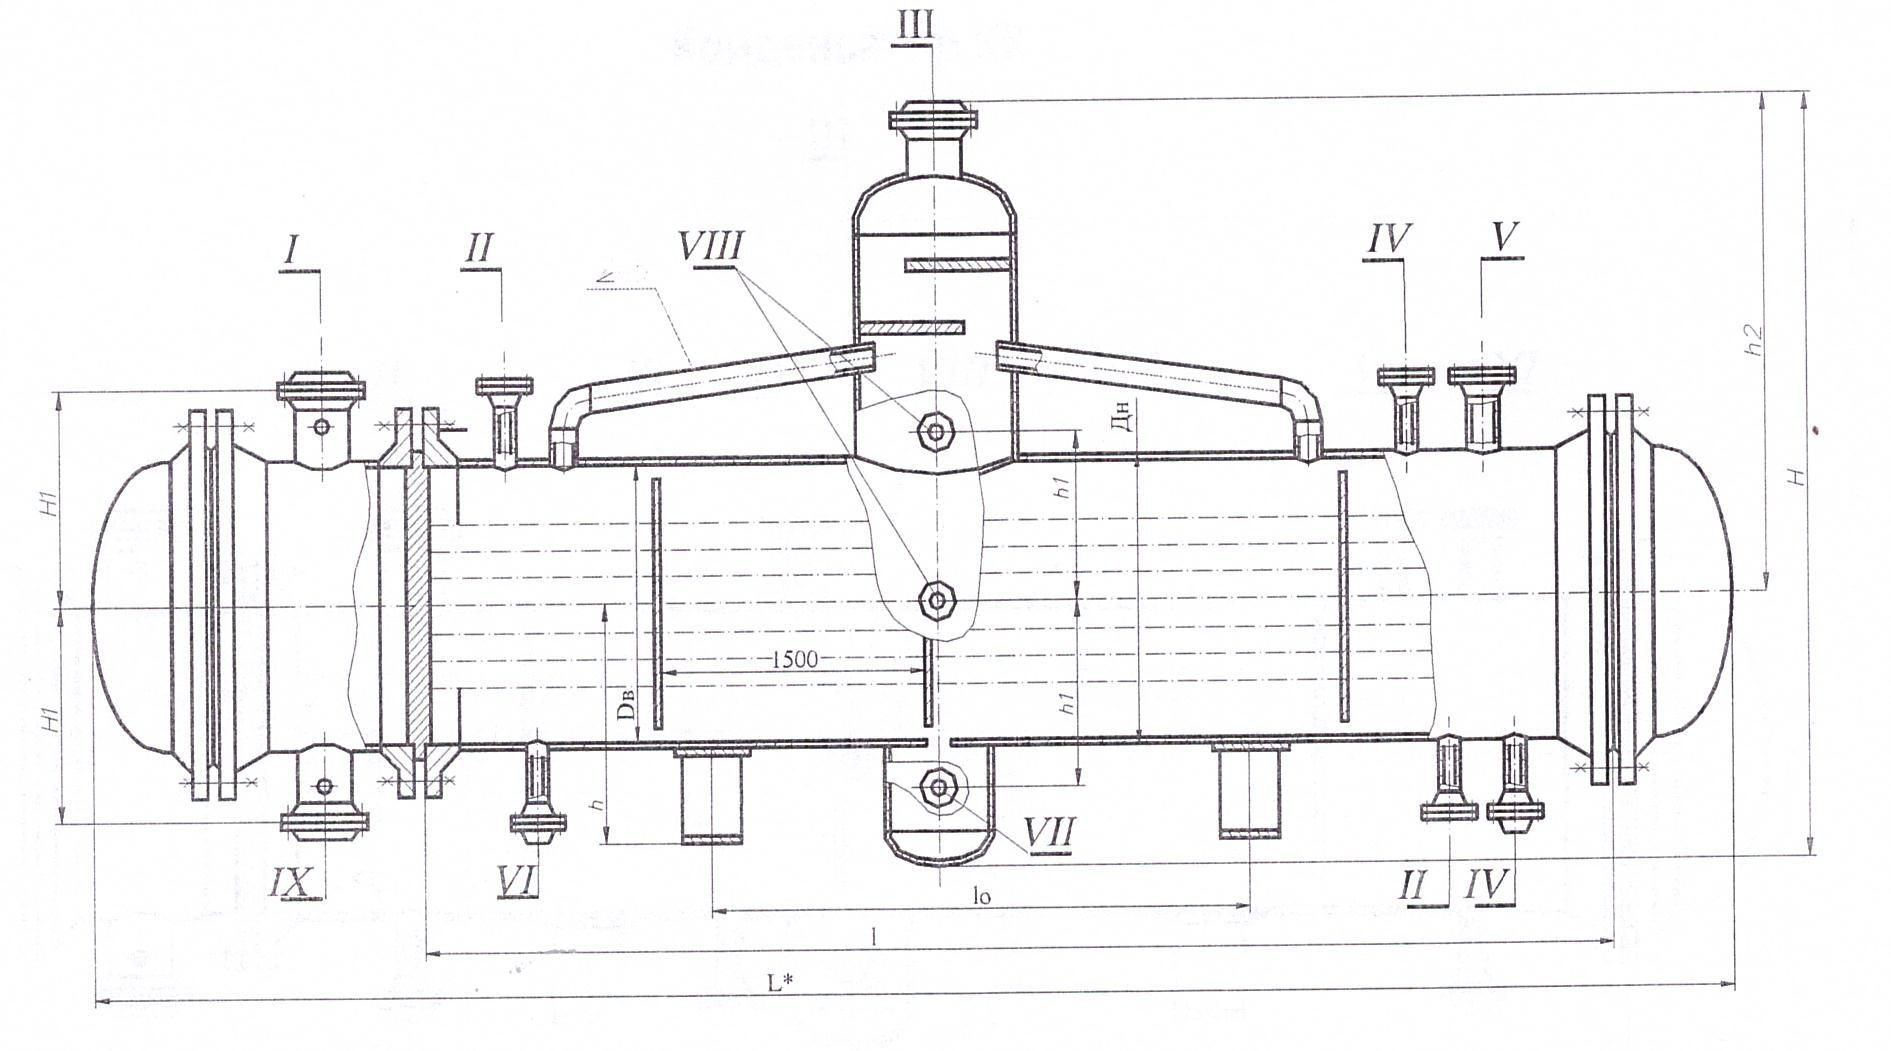 Кожухотрубчатые испарители типа ИХ Калуга HeatGuardex CLEANER 826R - Очистка систем отопления Махачкала